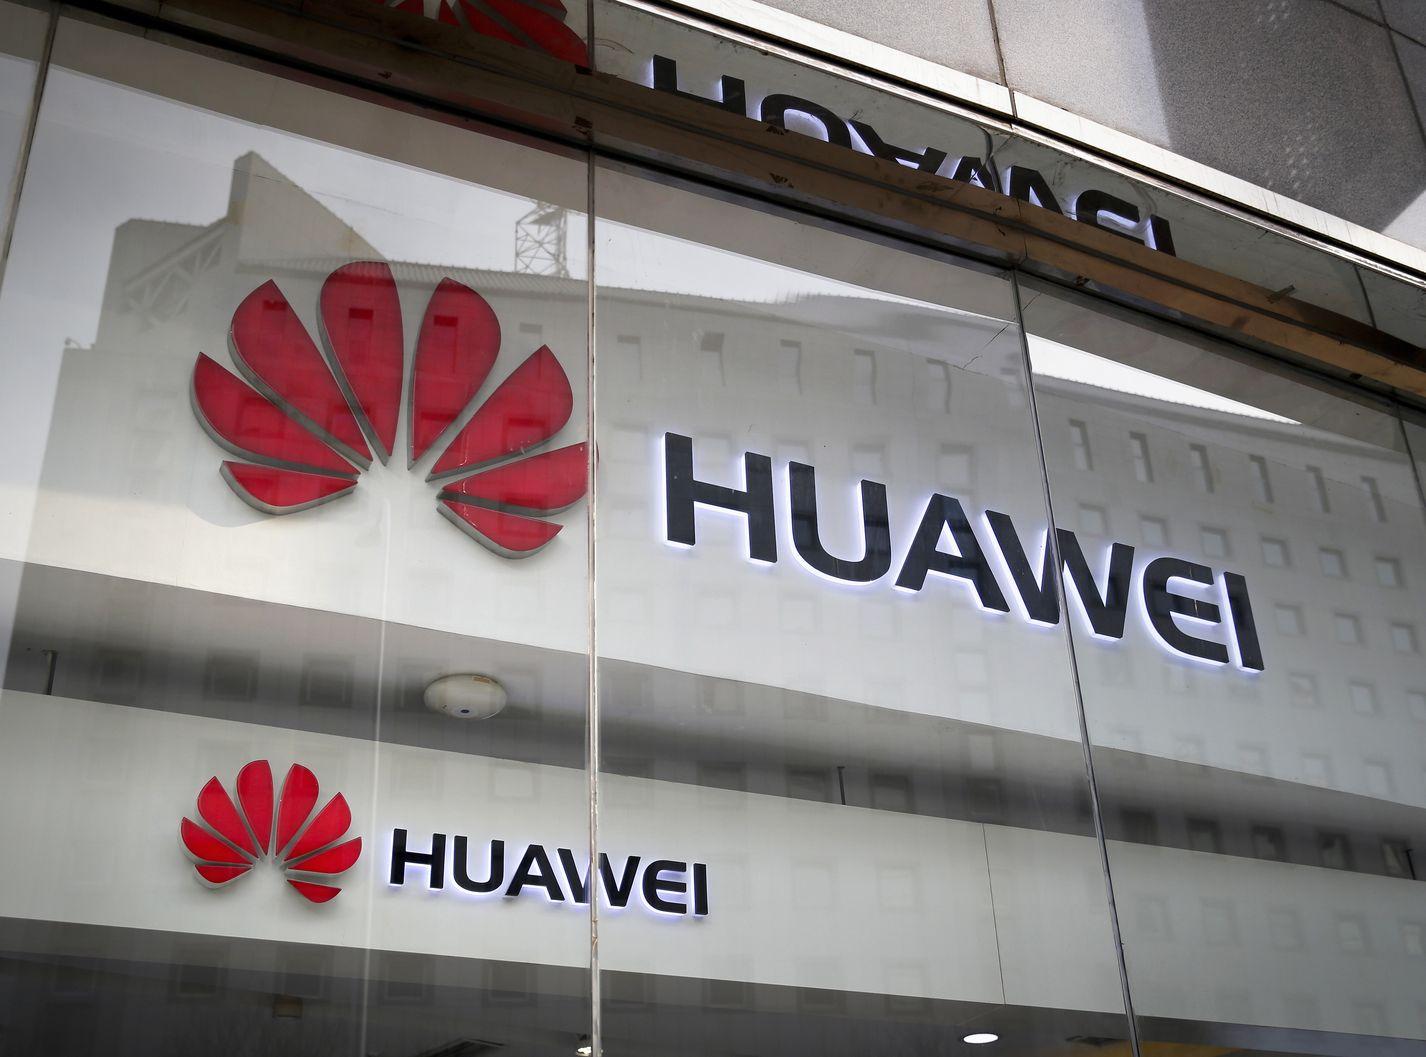 中美再就华为5G设备安全问题在国际场合交锋。AP